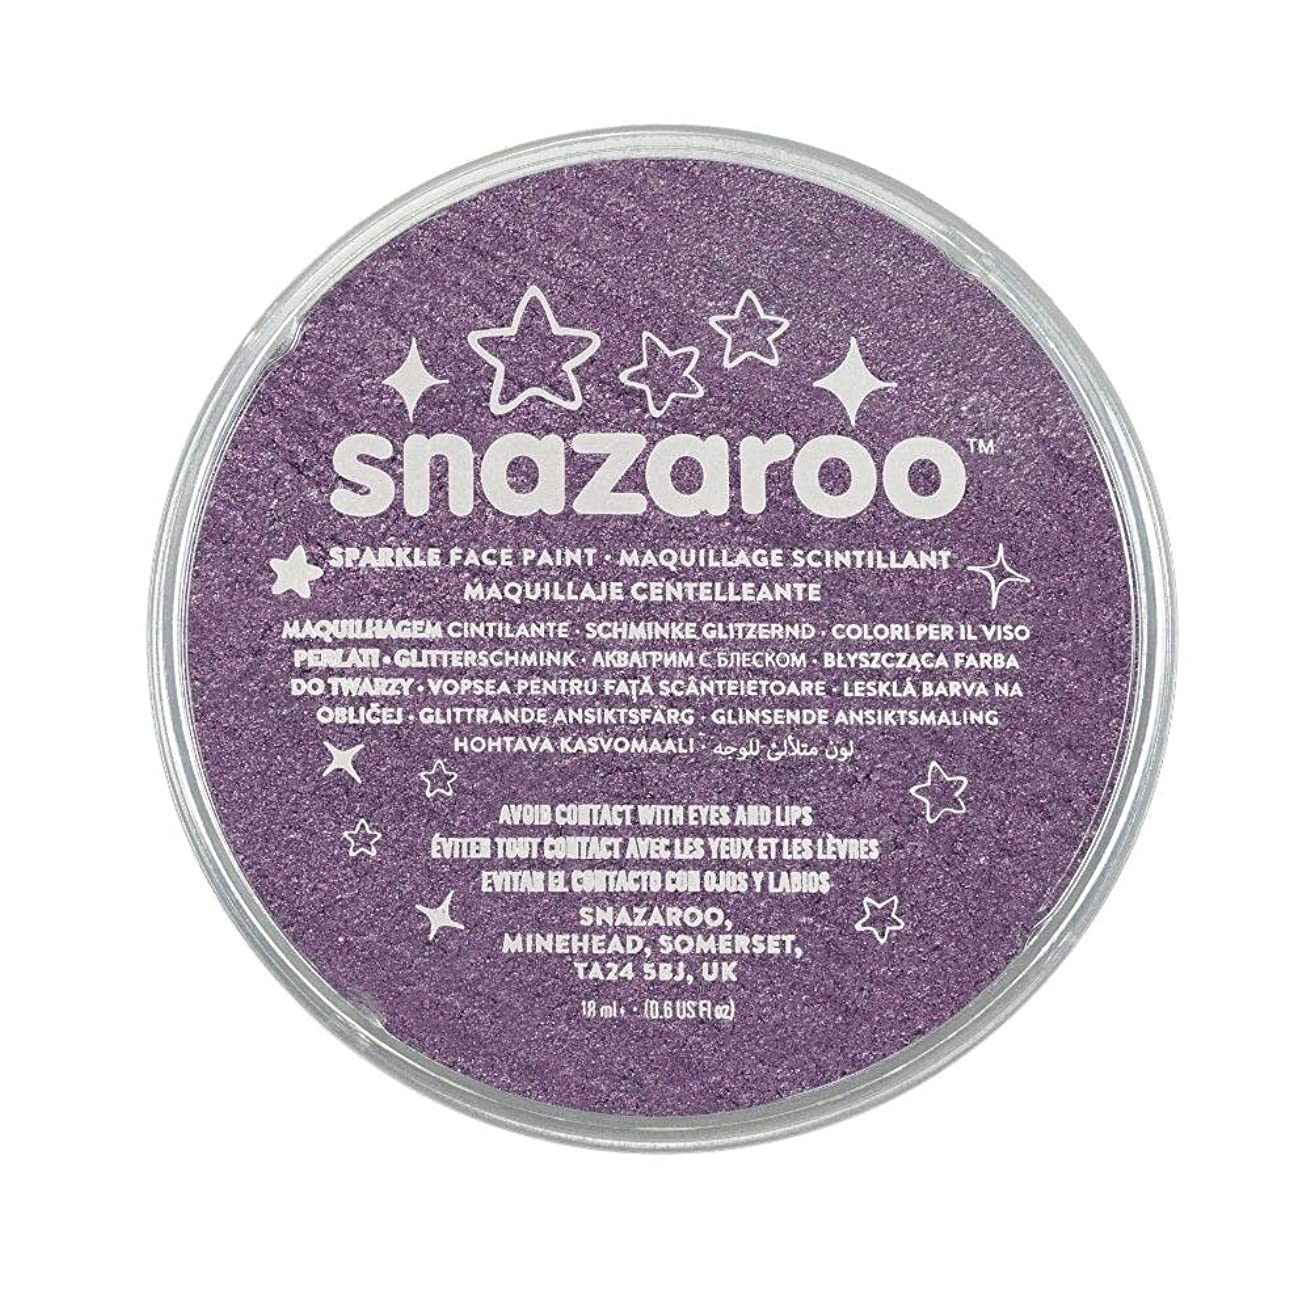 Snazaroo Sparkle Face Paint, 18ml, Sparkle Lilac